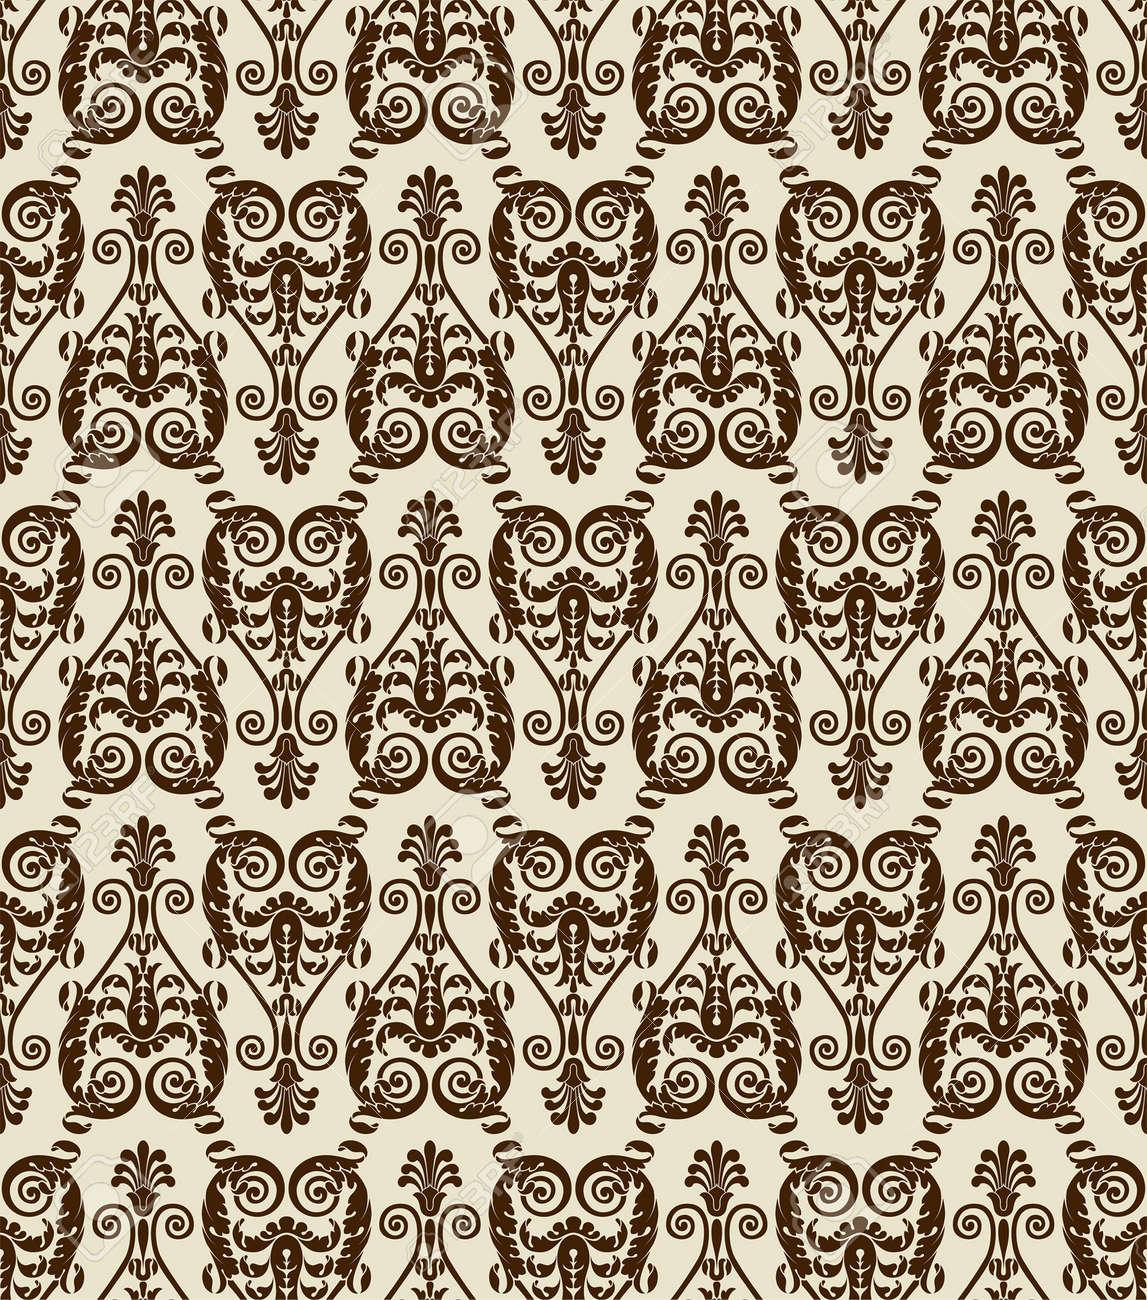 Flower seamless pattern, element for design, vector illustration Stock Vector - 5210272